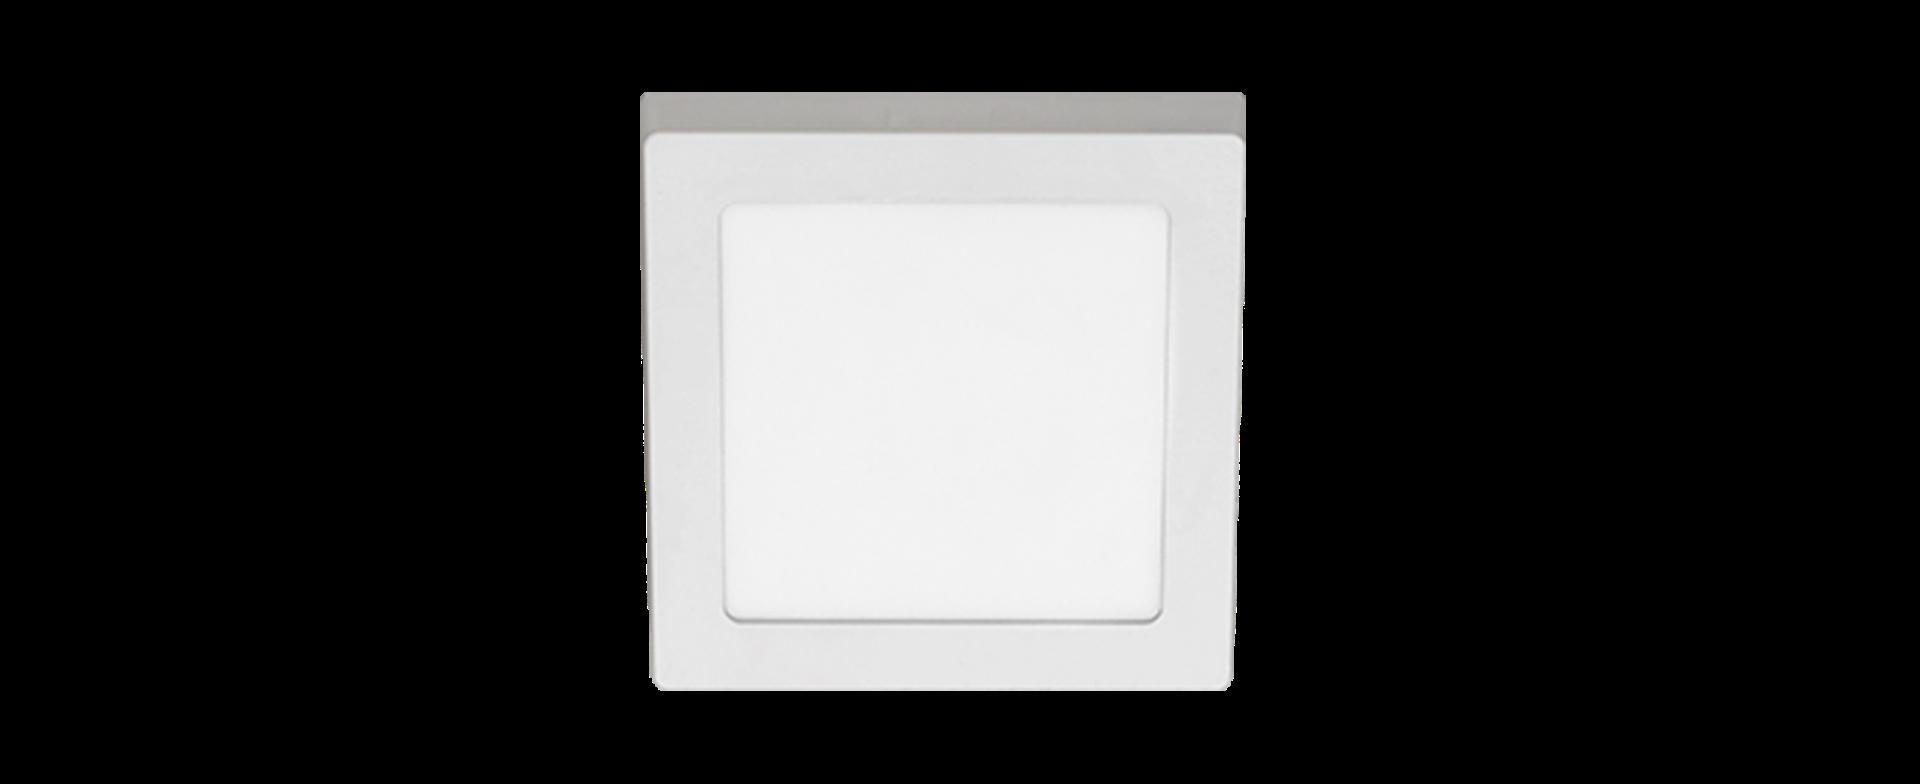 Painel de Sobrepor Quadrado LED 24W 6500K Bivolt STH8964Q/65 - Stella Design